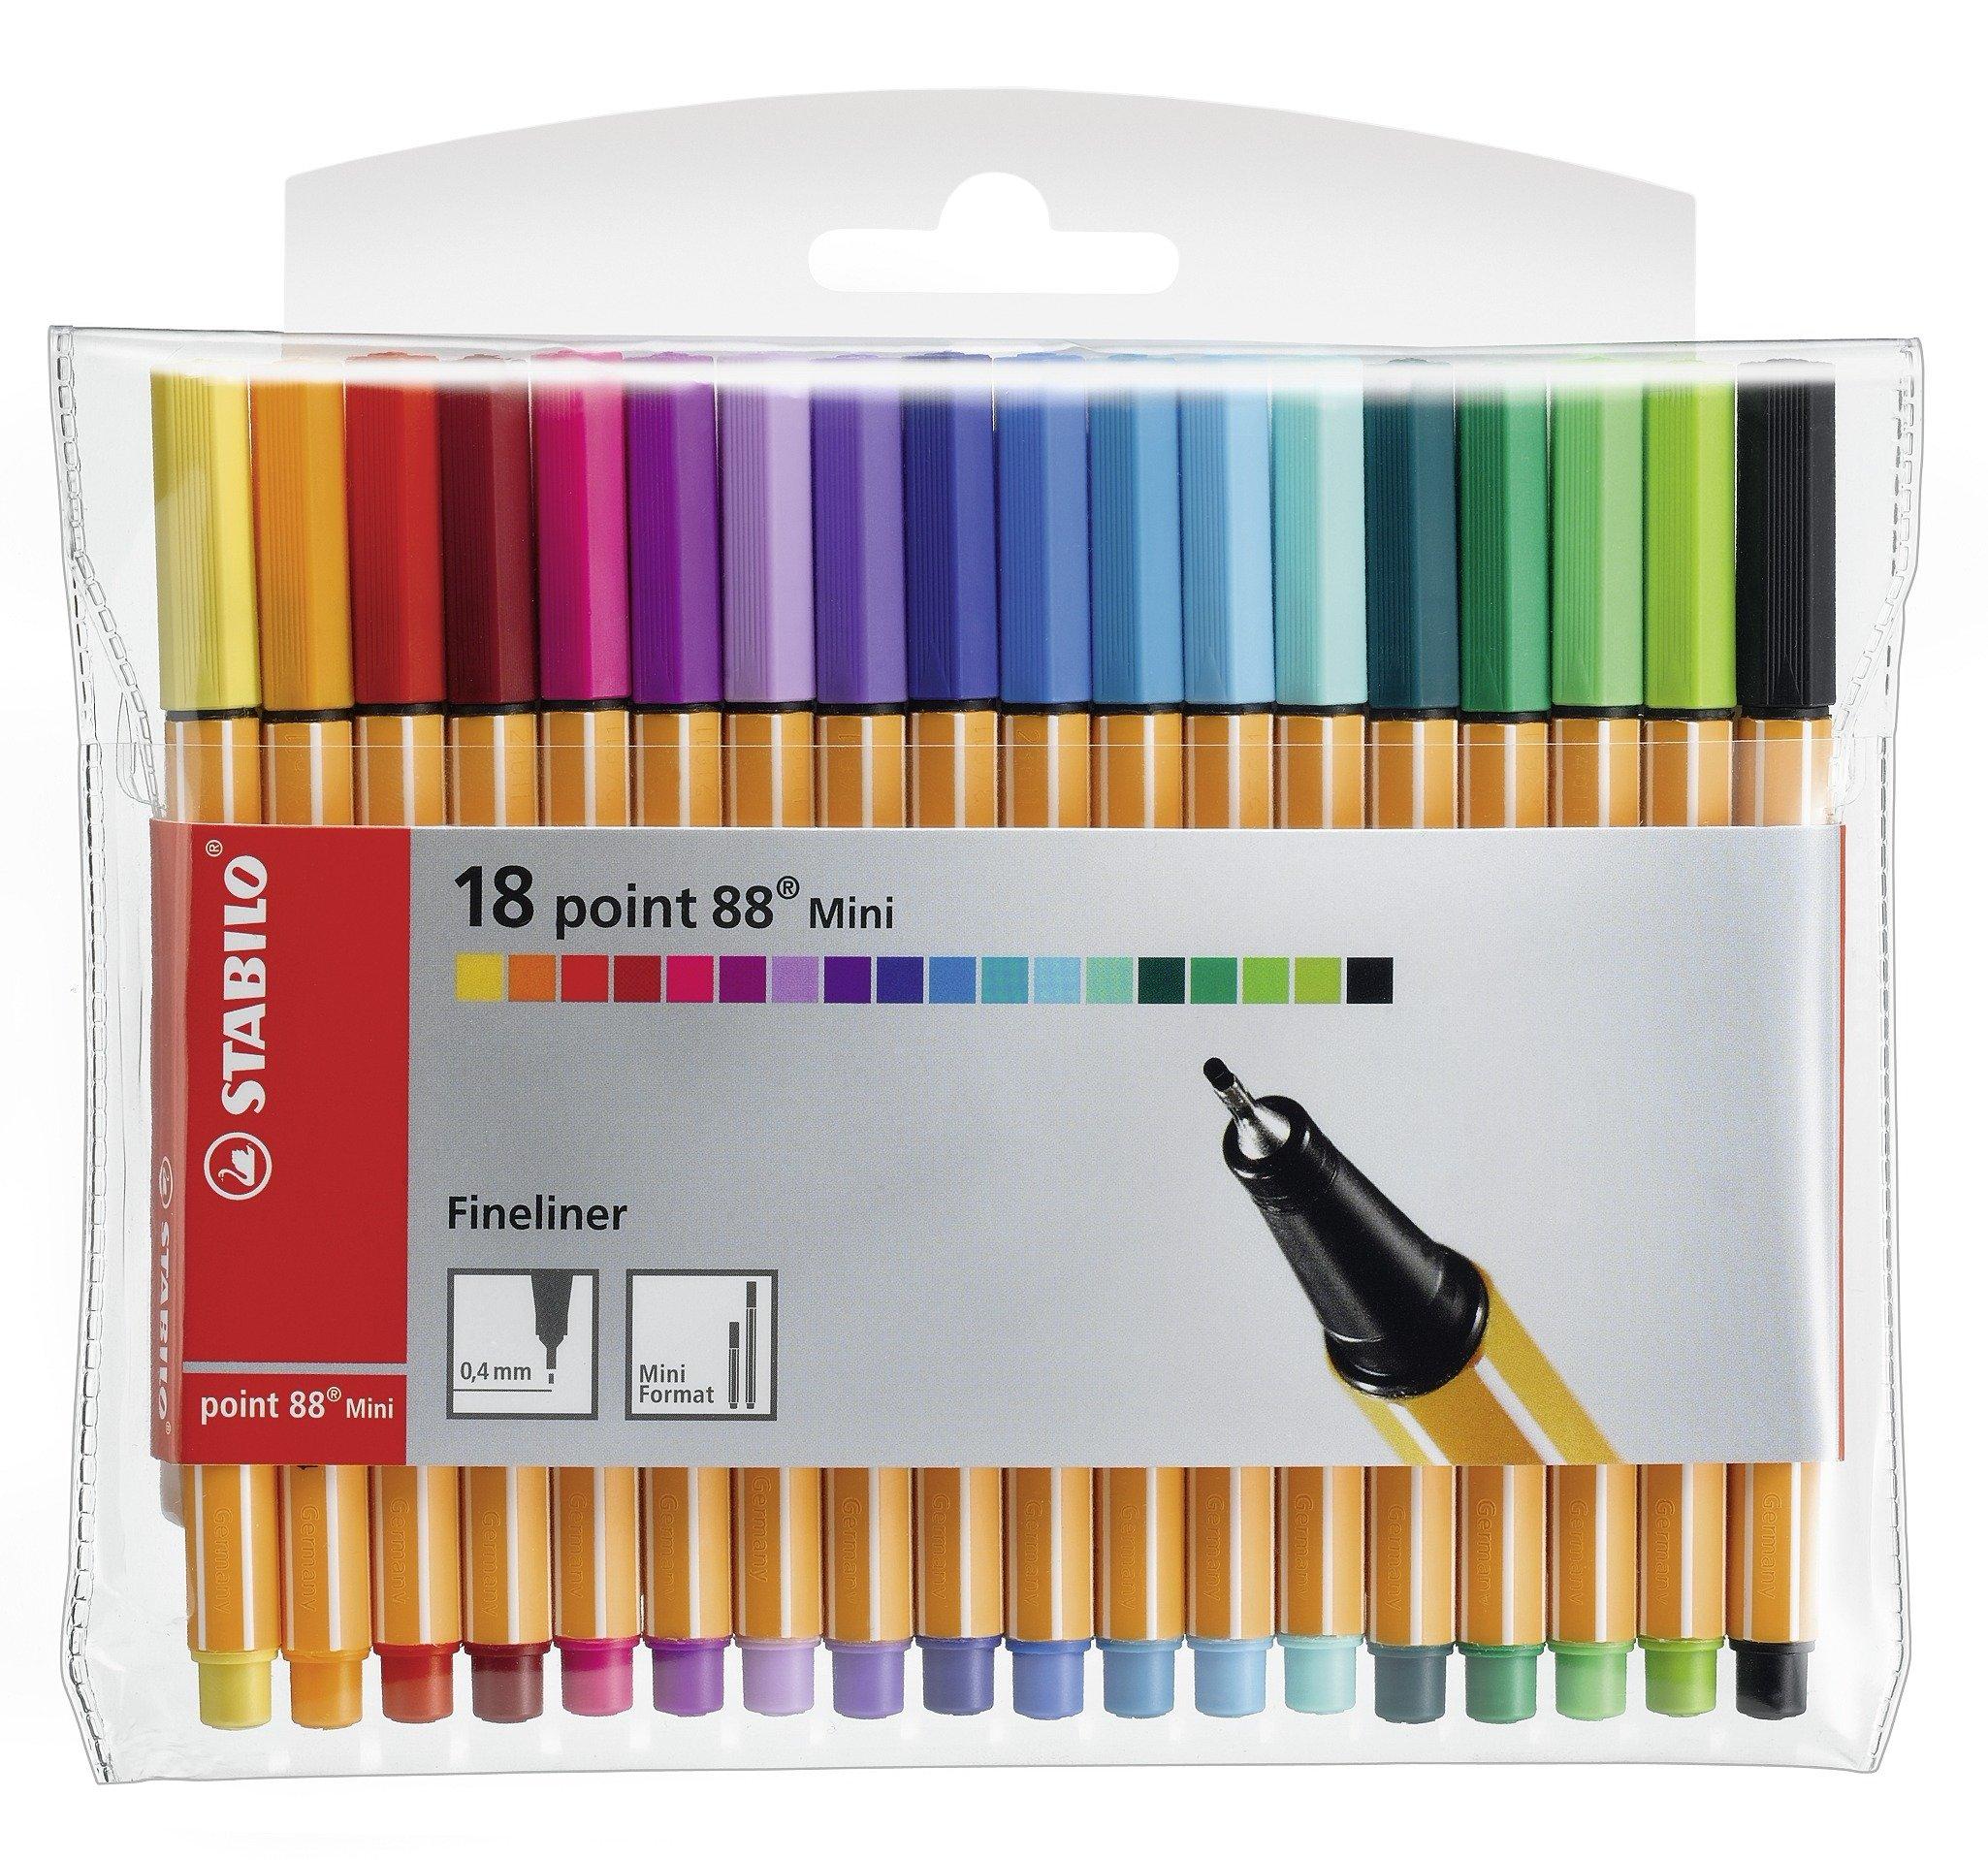 STABILO Point 88 Mini Fineliner Pens, 0.4 mm - 18-Color Wallet Set by STABILO